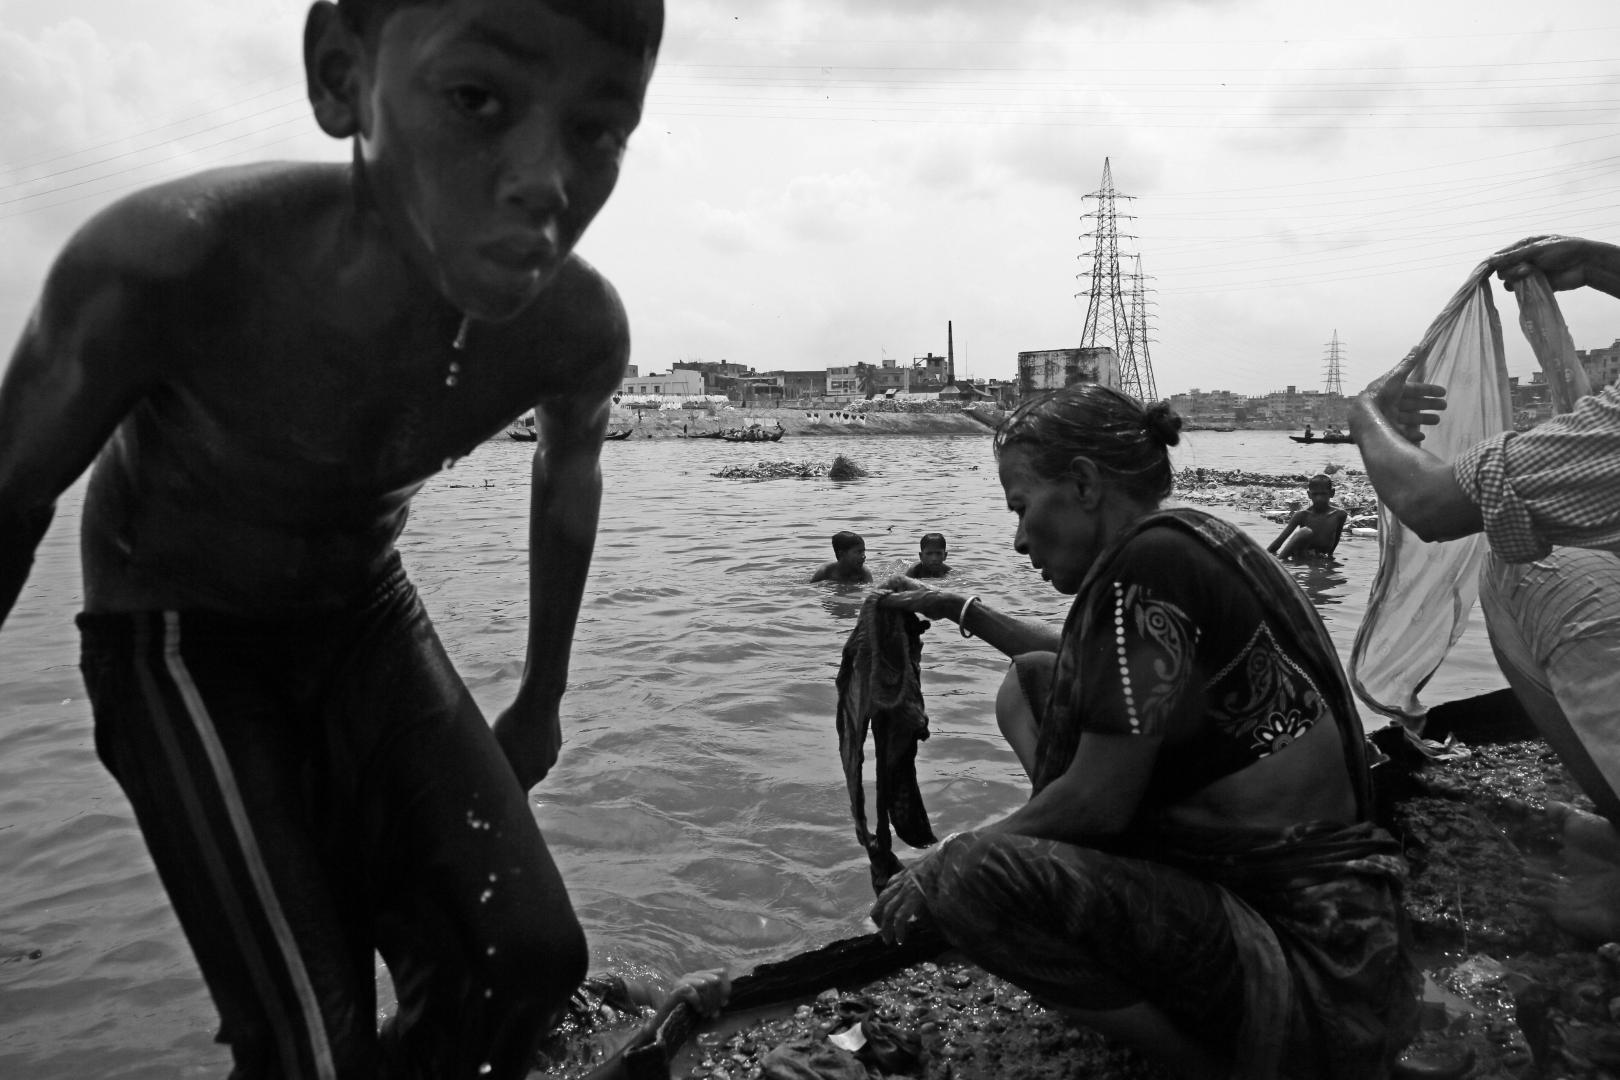 В воде жители ближайших трущоб так же стирают свои вещи